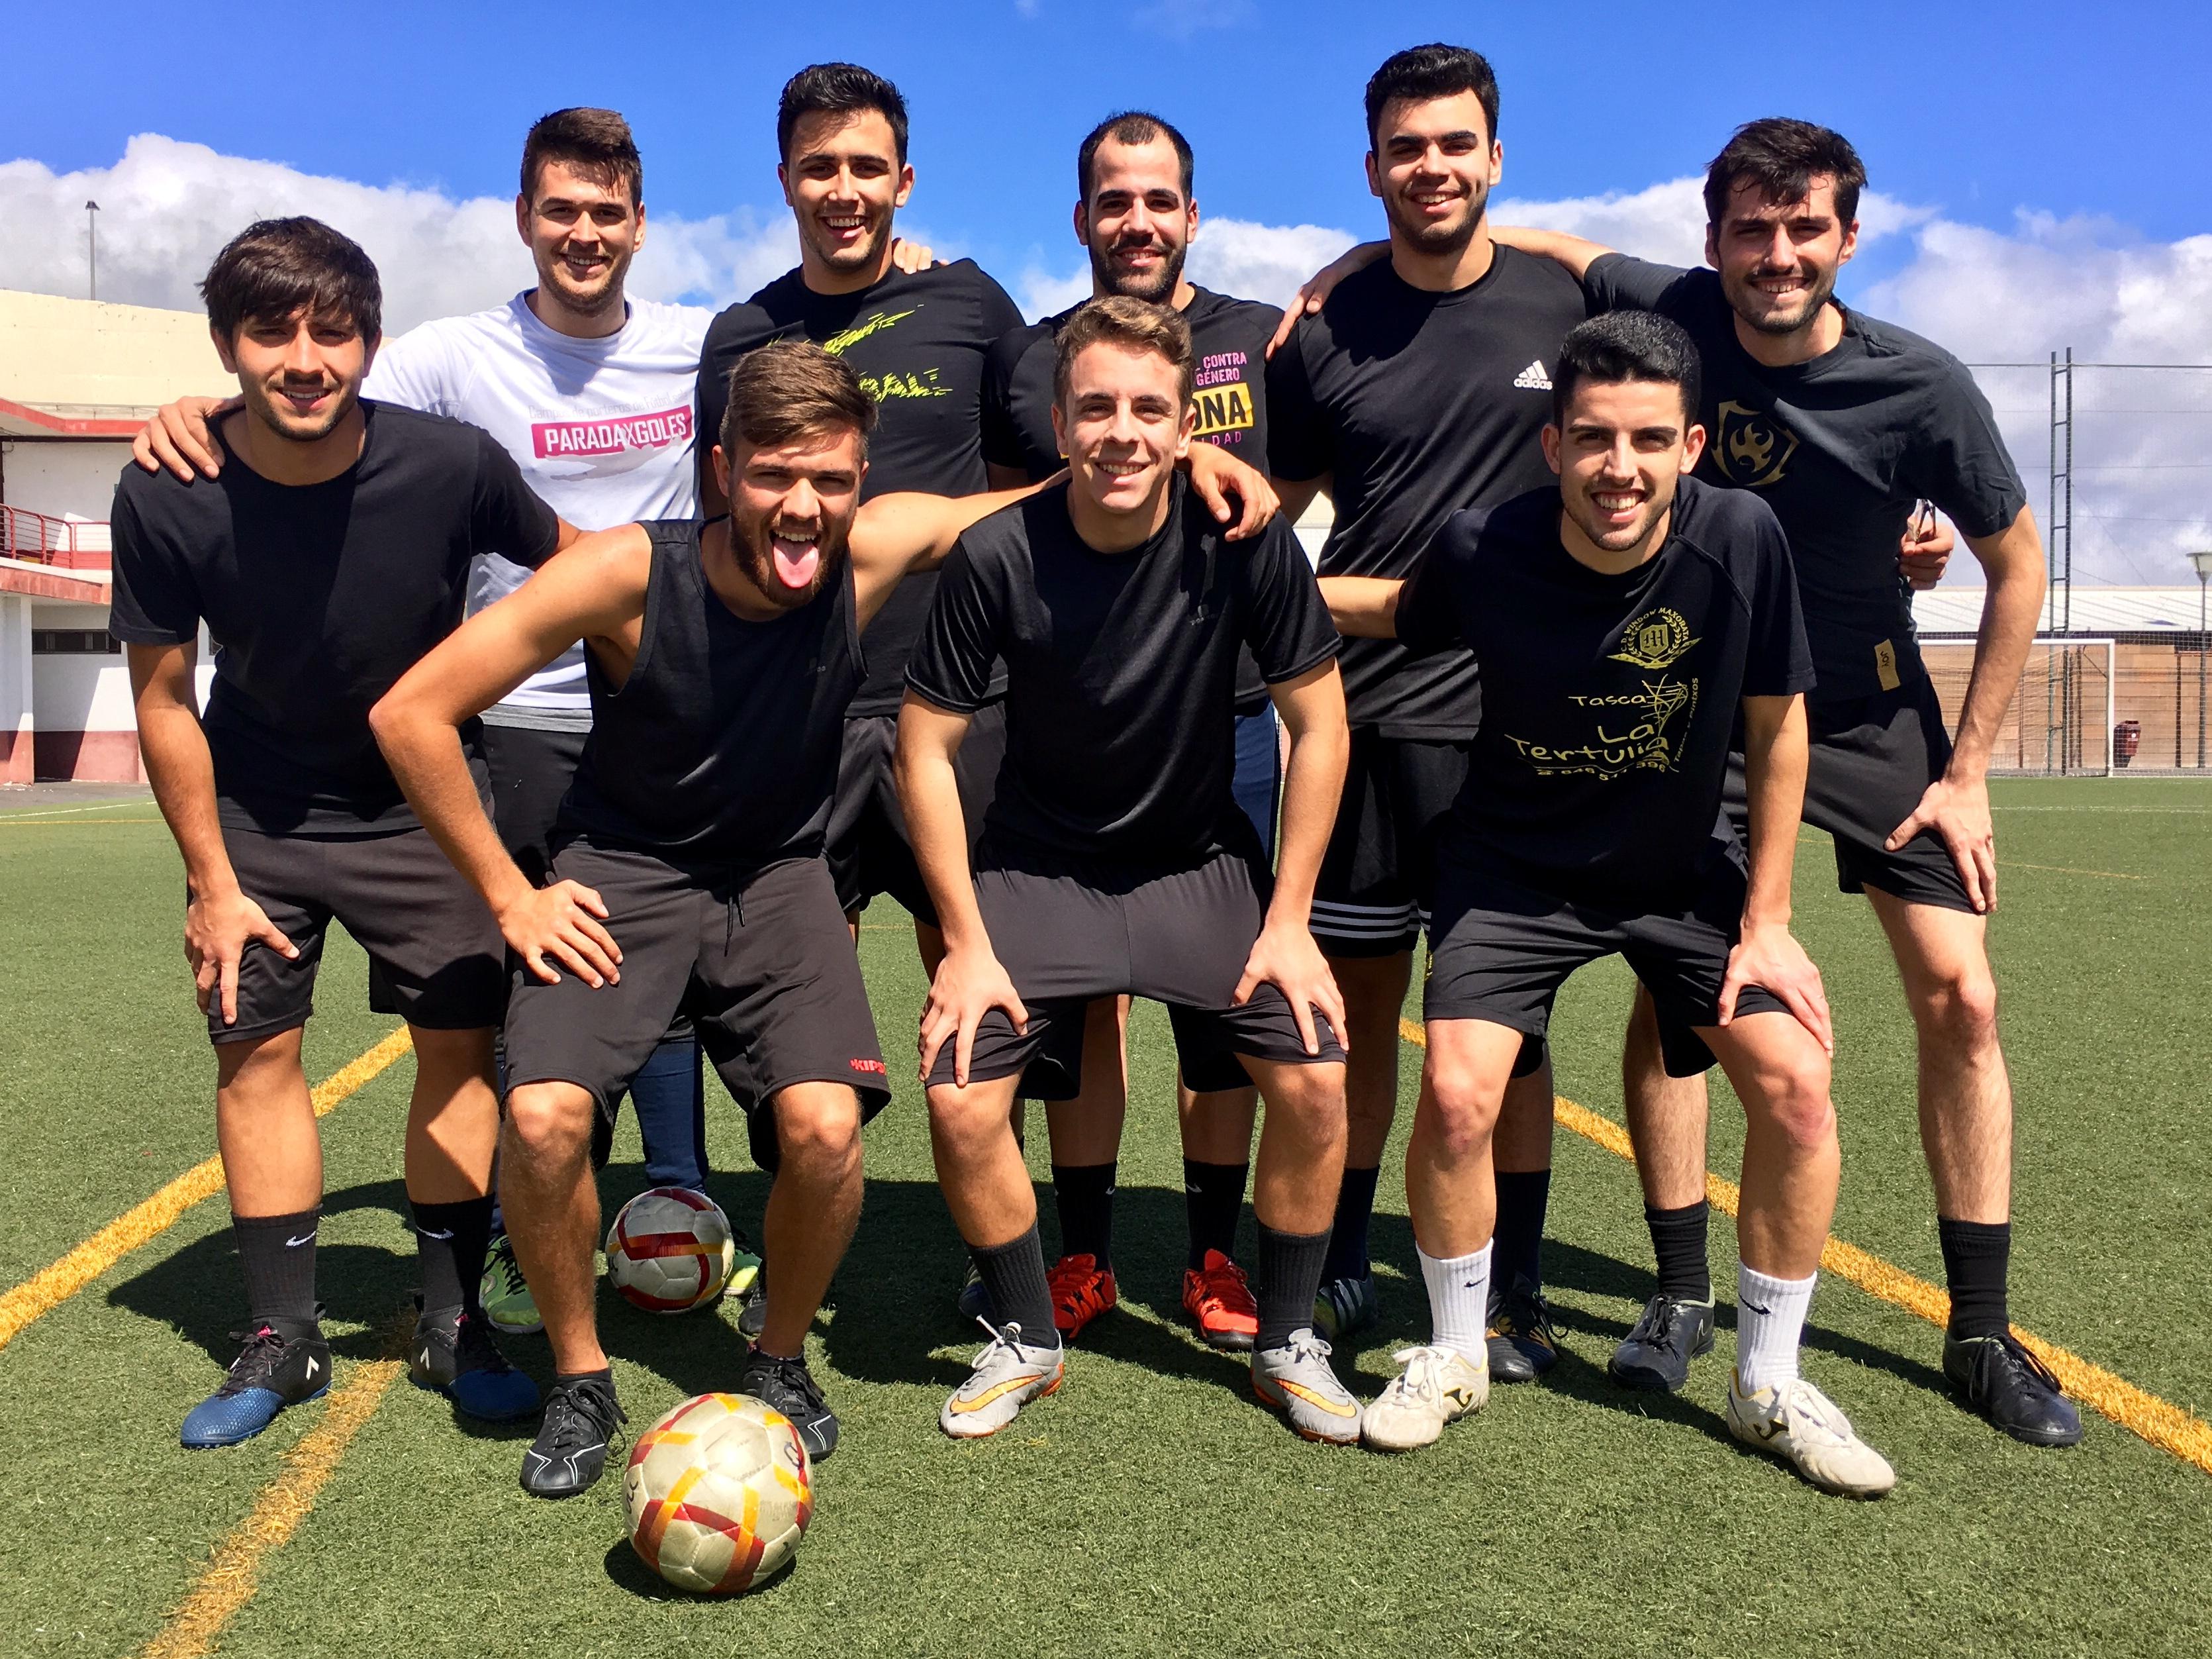 El Campo de Fútbol Las Torres acogió los primeros encuentros de la primera  jornada del Trofeo Rector de Fútbol 7. En la mañana de hoy e53bfece3dfbf